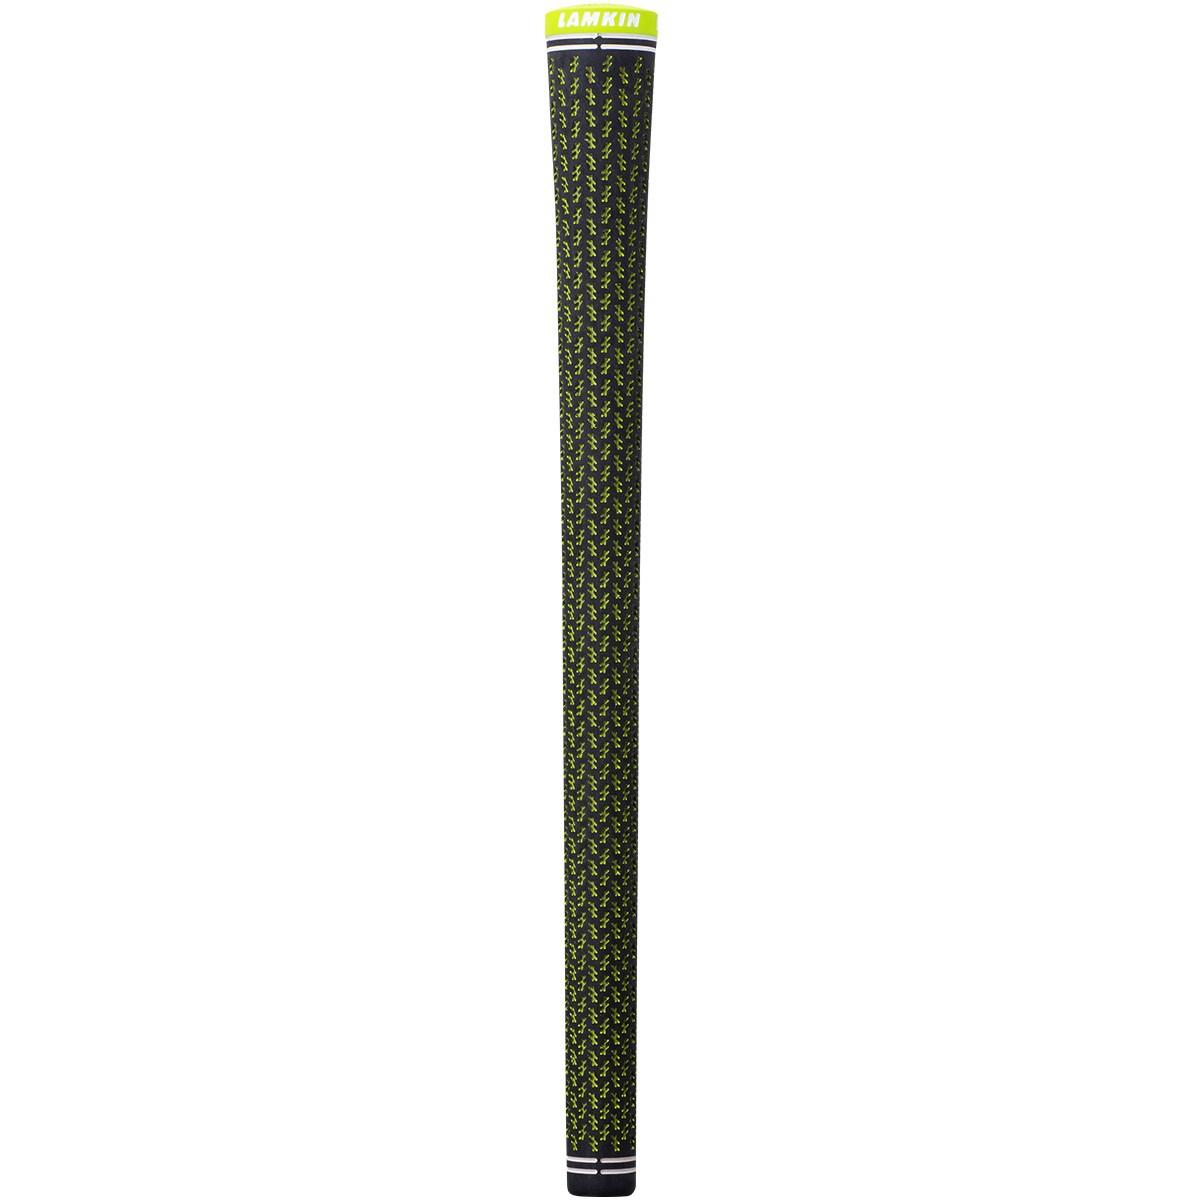 [2020年モデル] ラムキン Lamkin クロスライン360 スリム グリップ ブラック/ライム メンズ ゴルフ